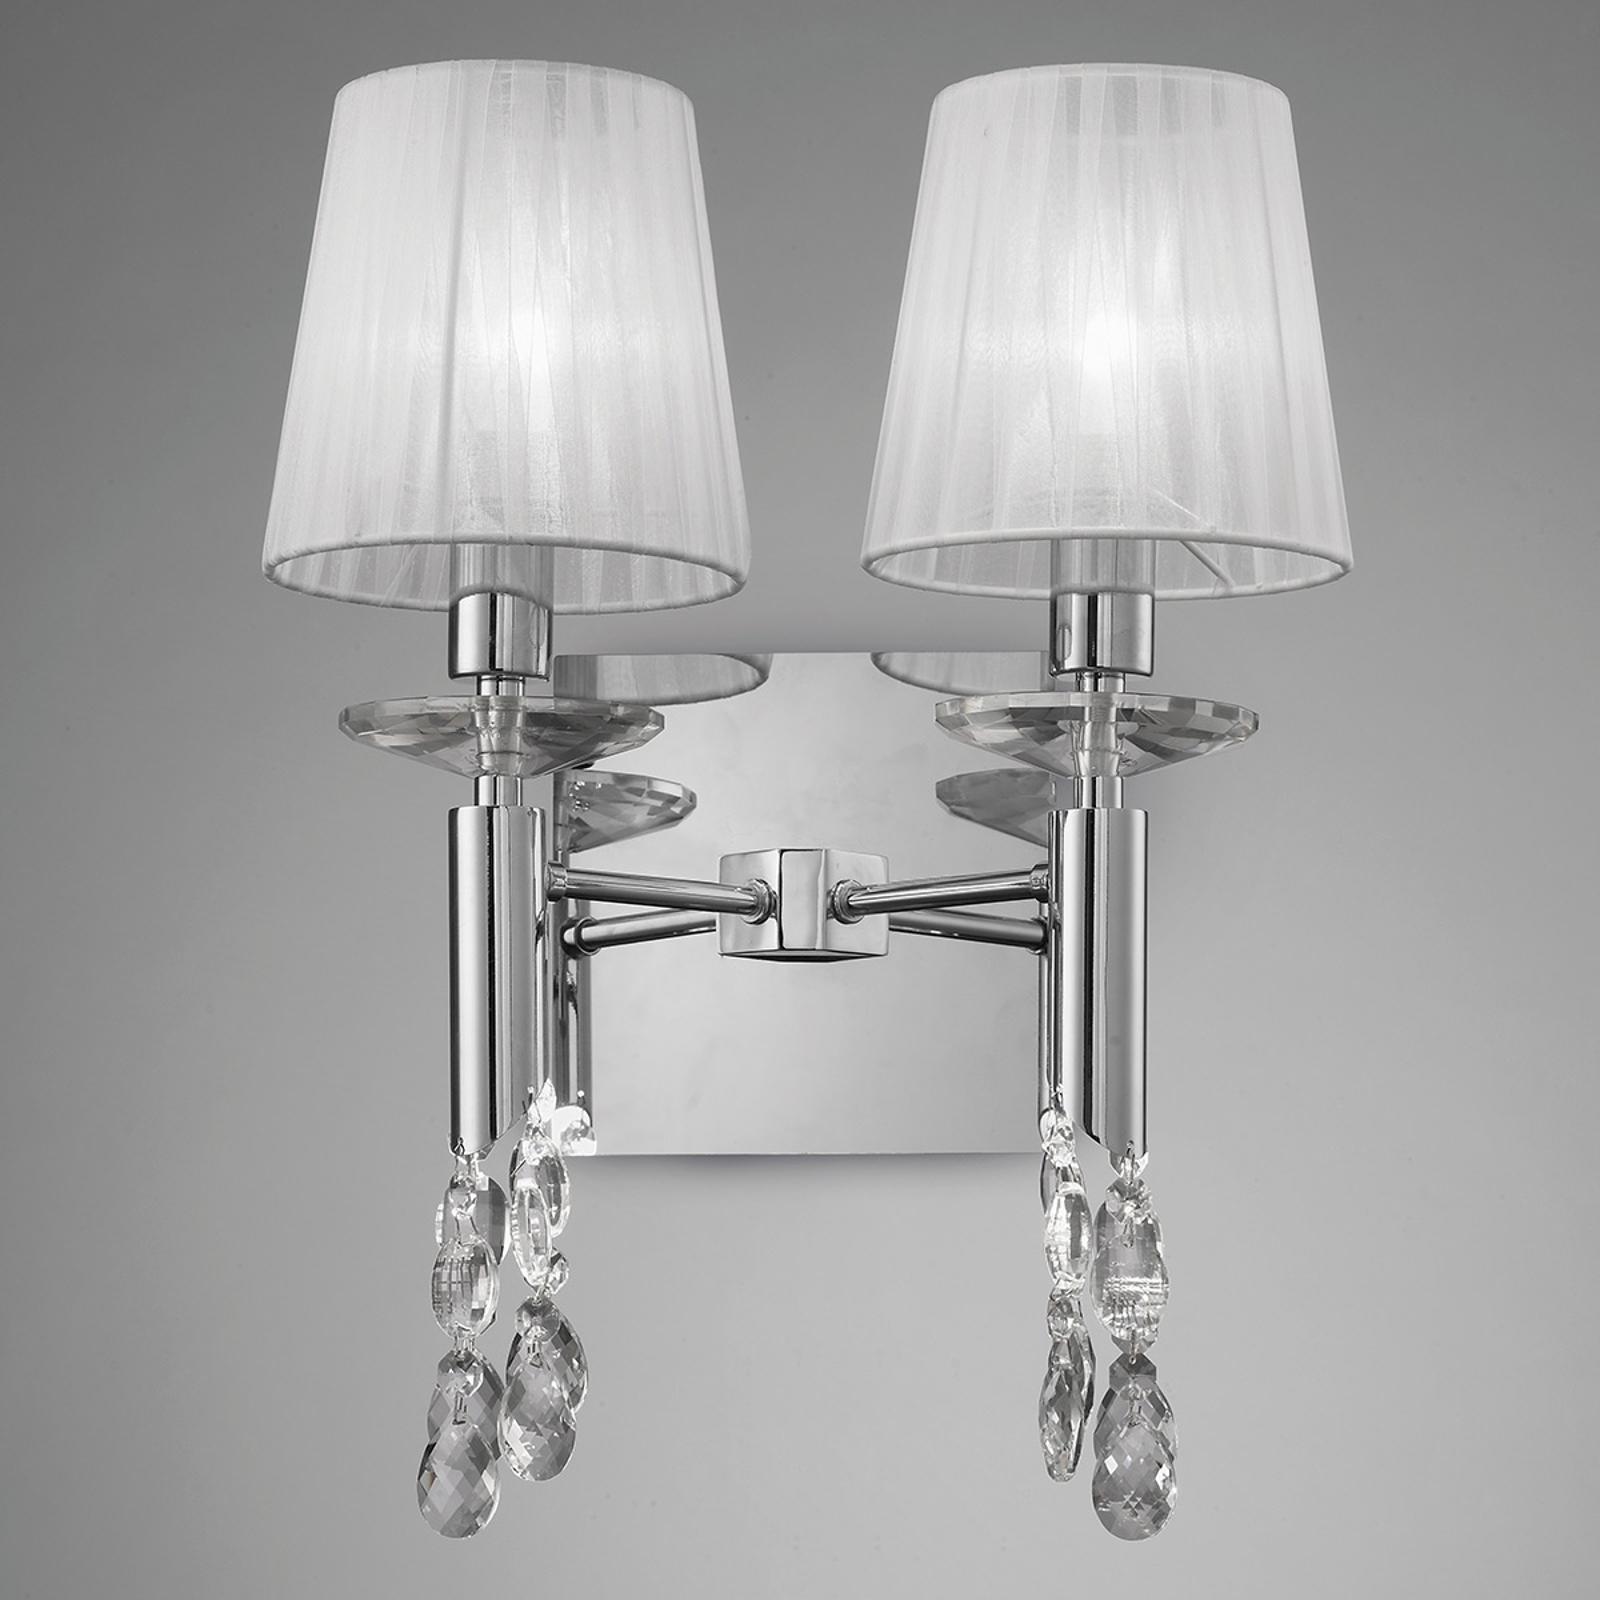 Wandlamp Lilja 2-lamps